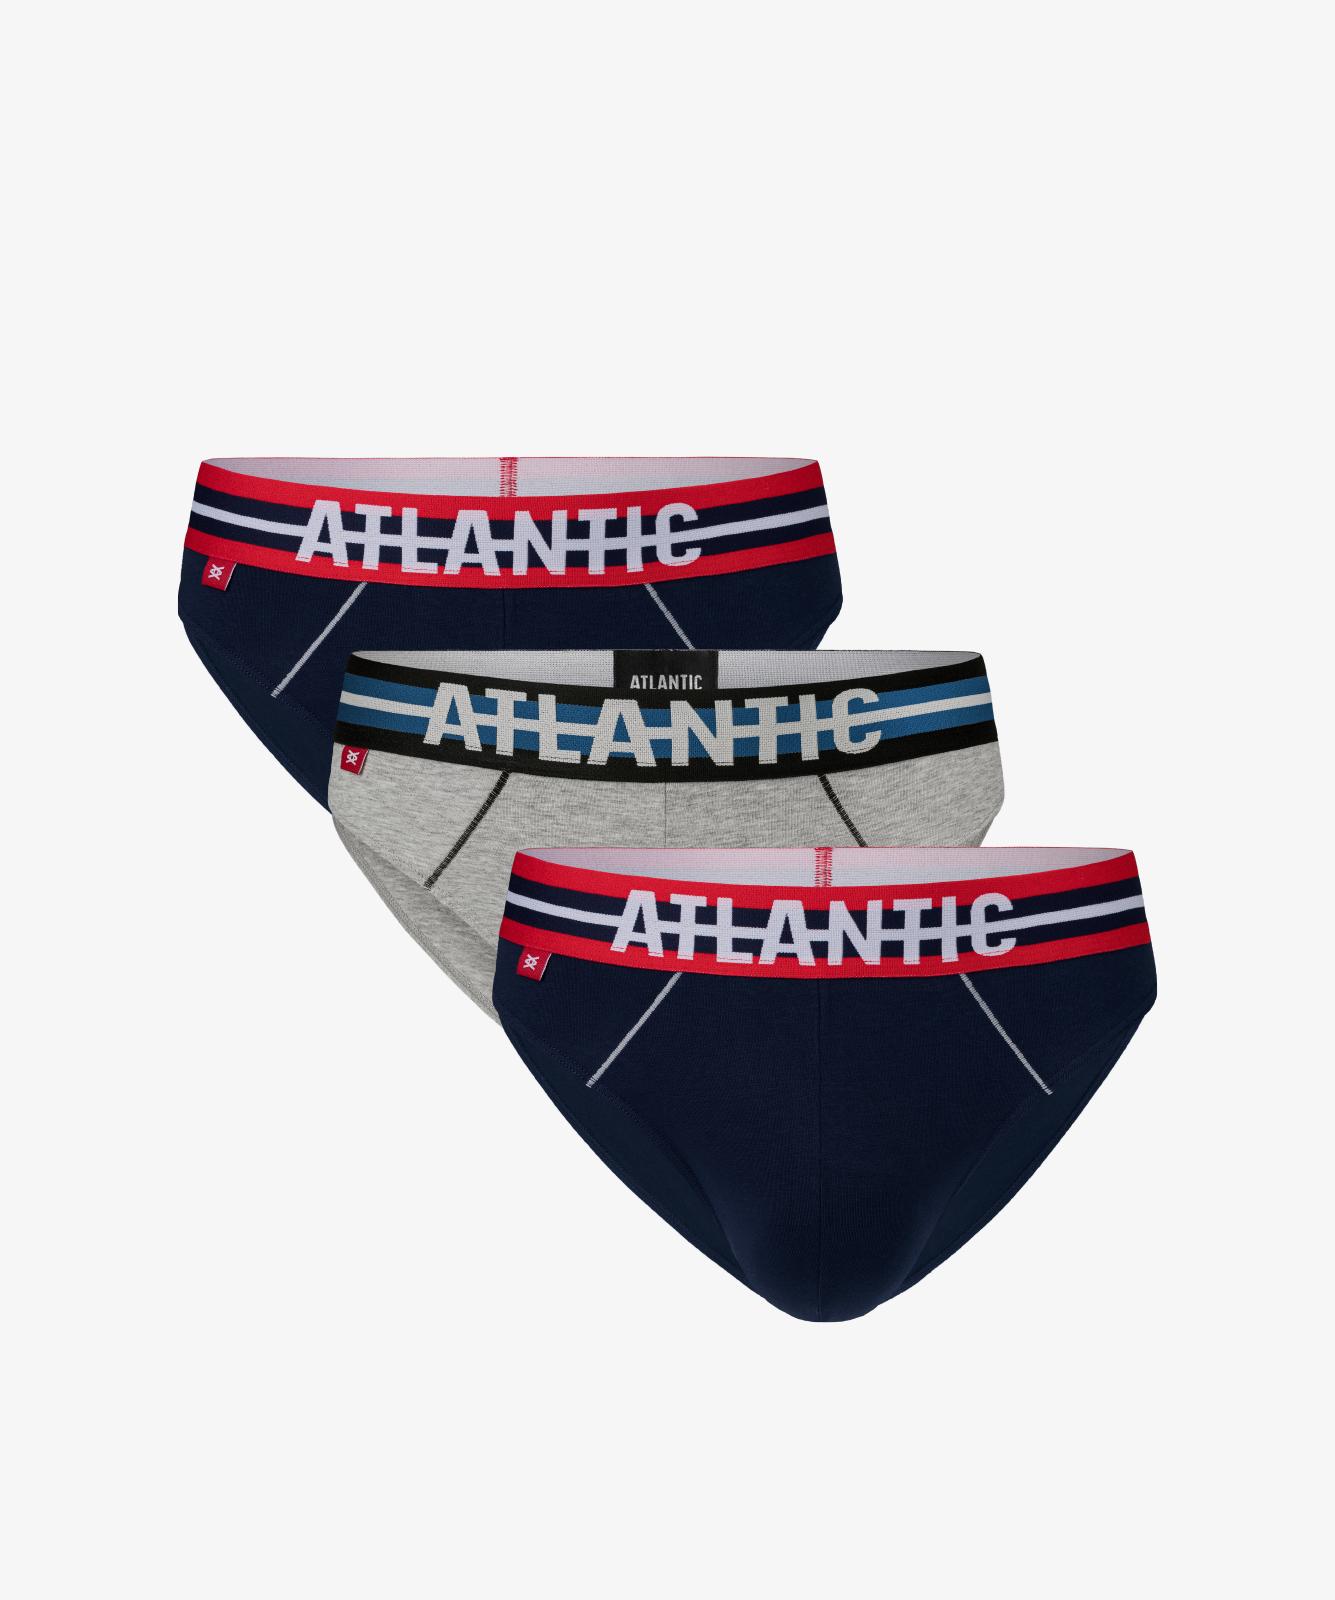 Мужские трусы слипы спорт Atlantic, набор 3 шт., хлопок, темно-синие + серый меланж, 3SMP-001